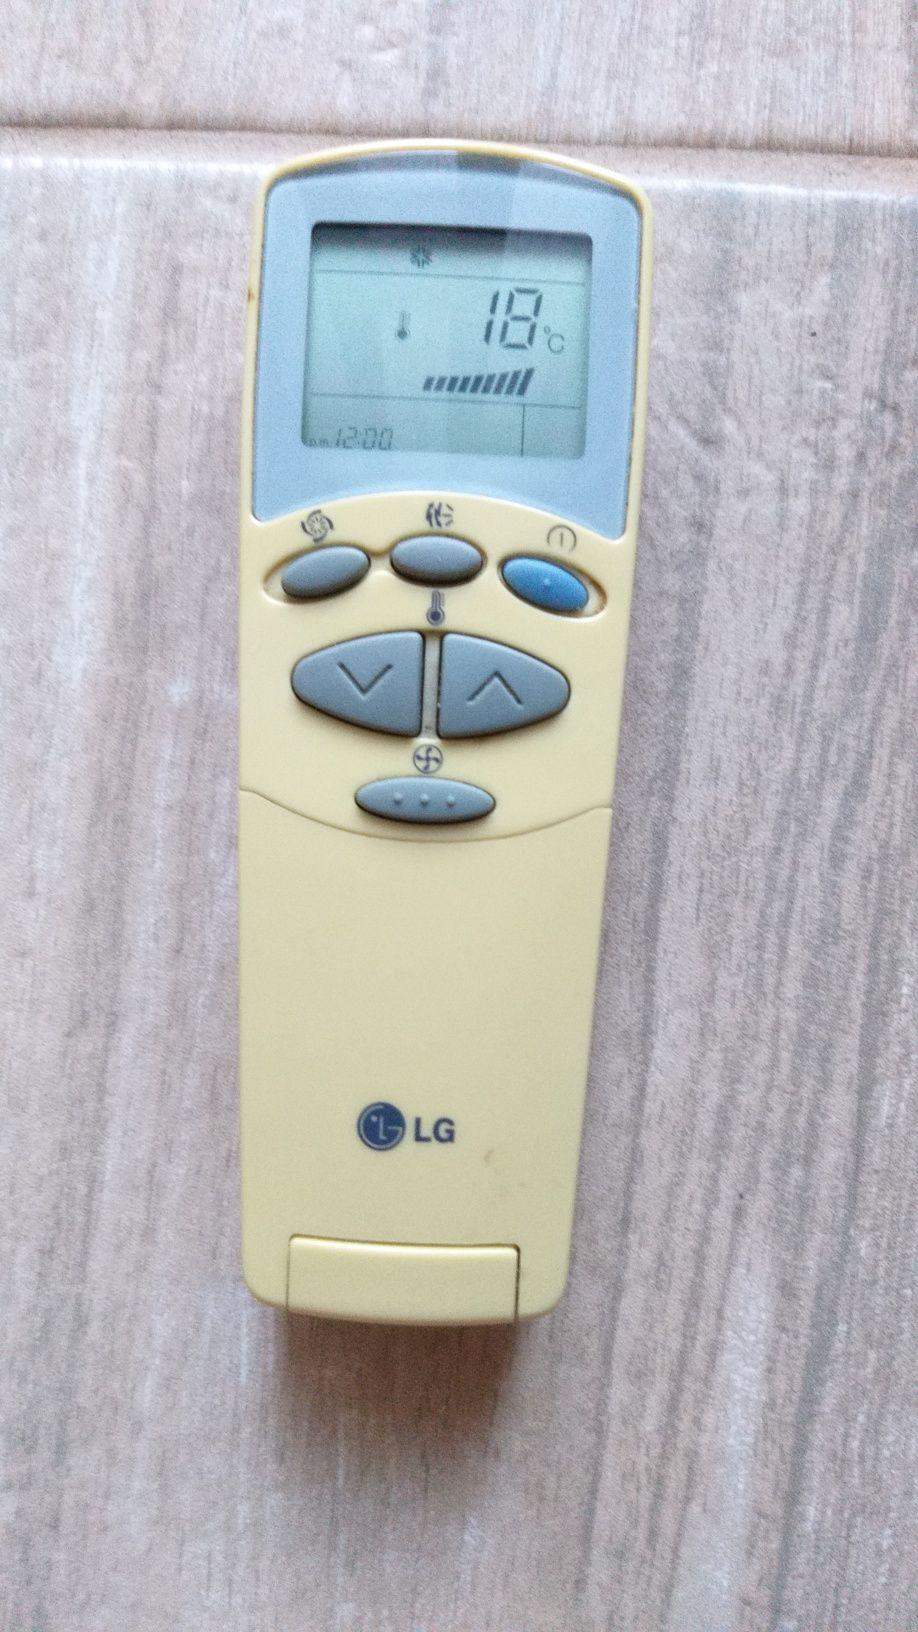 Telecomanda Aer Conditionat LG